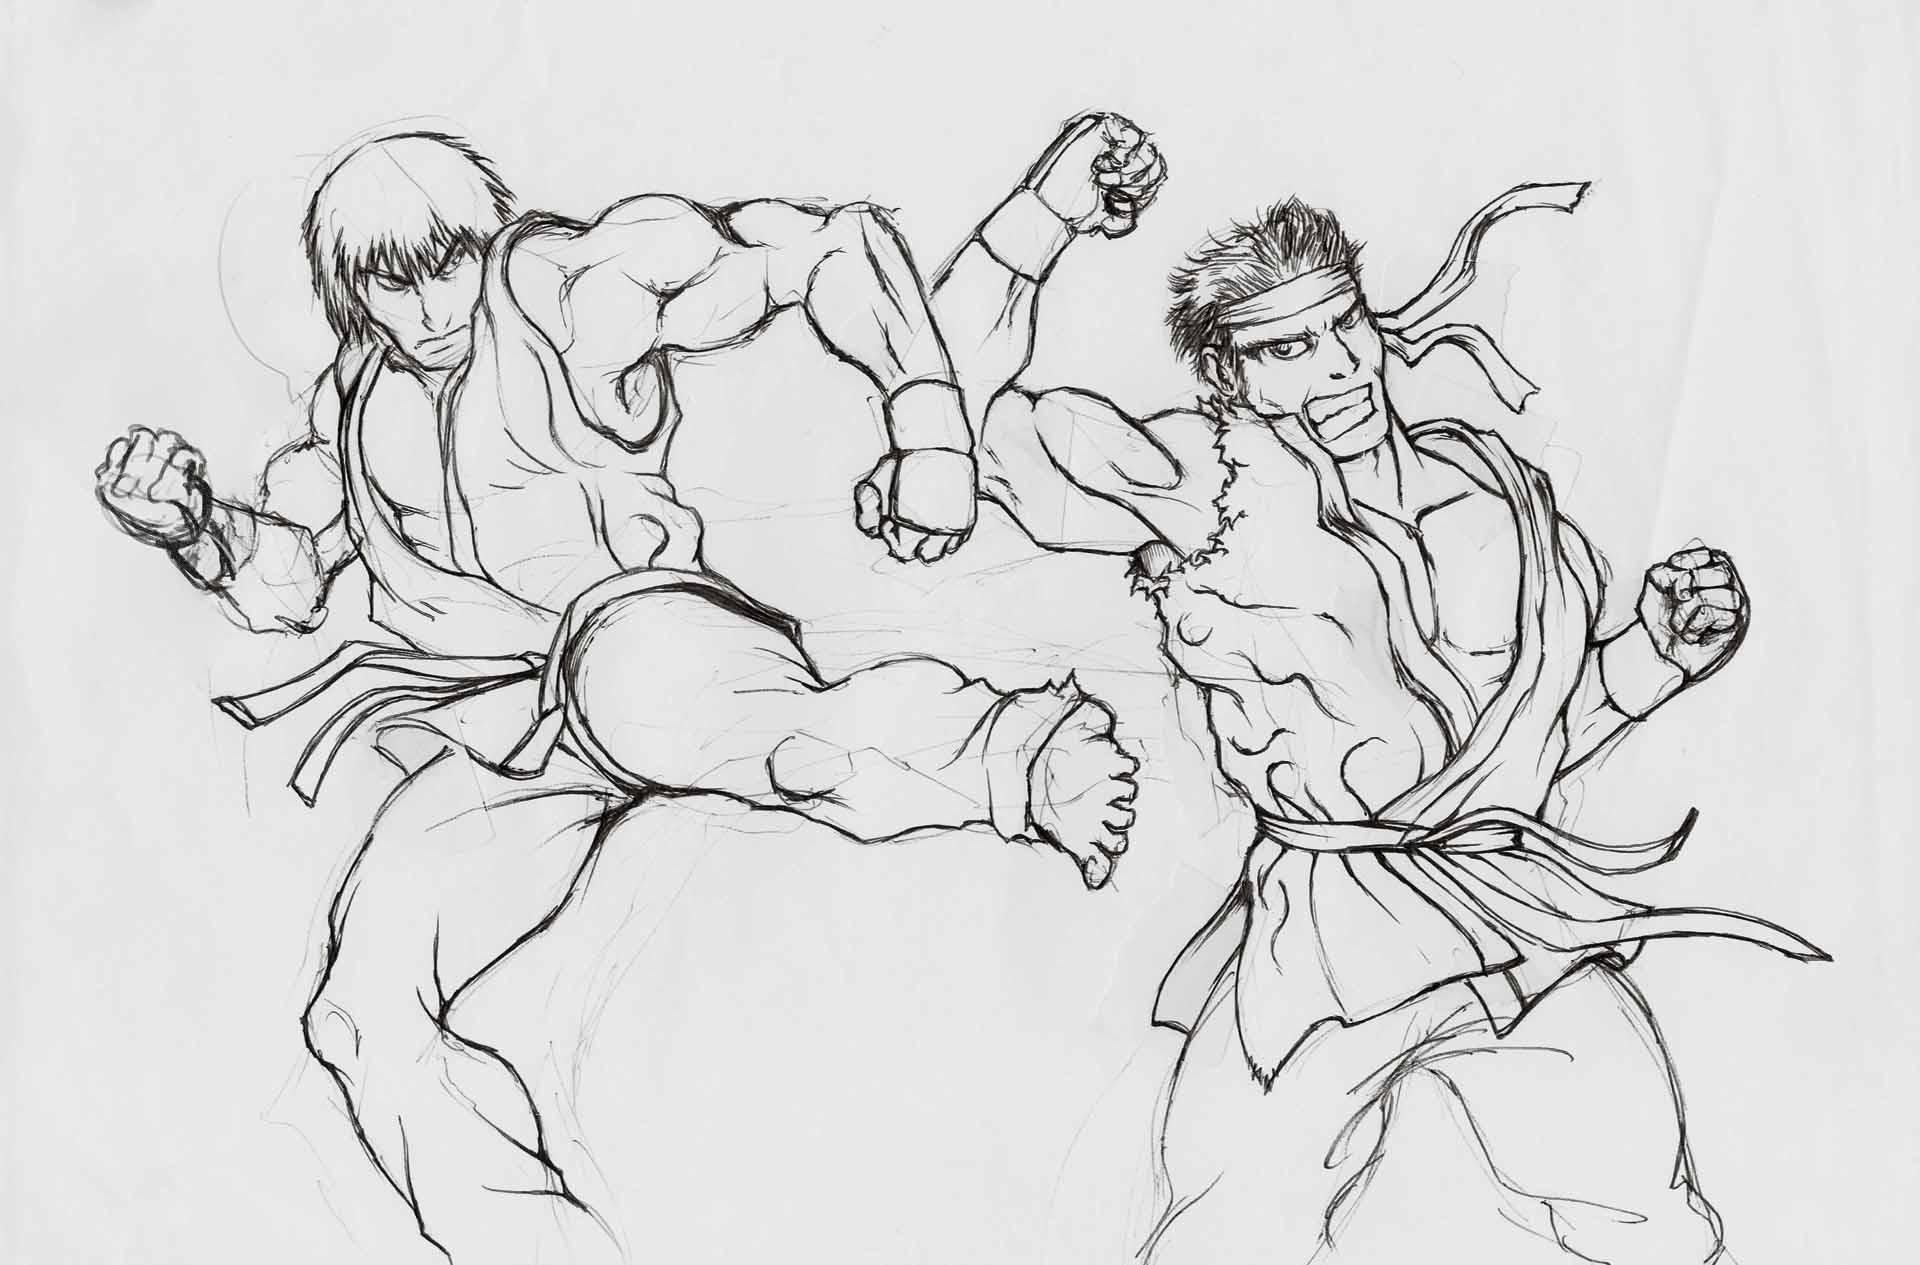 Ken Vs Ryu Sketch